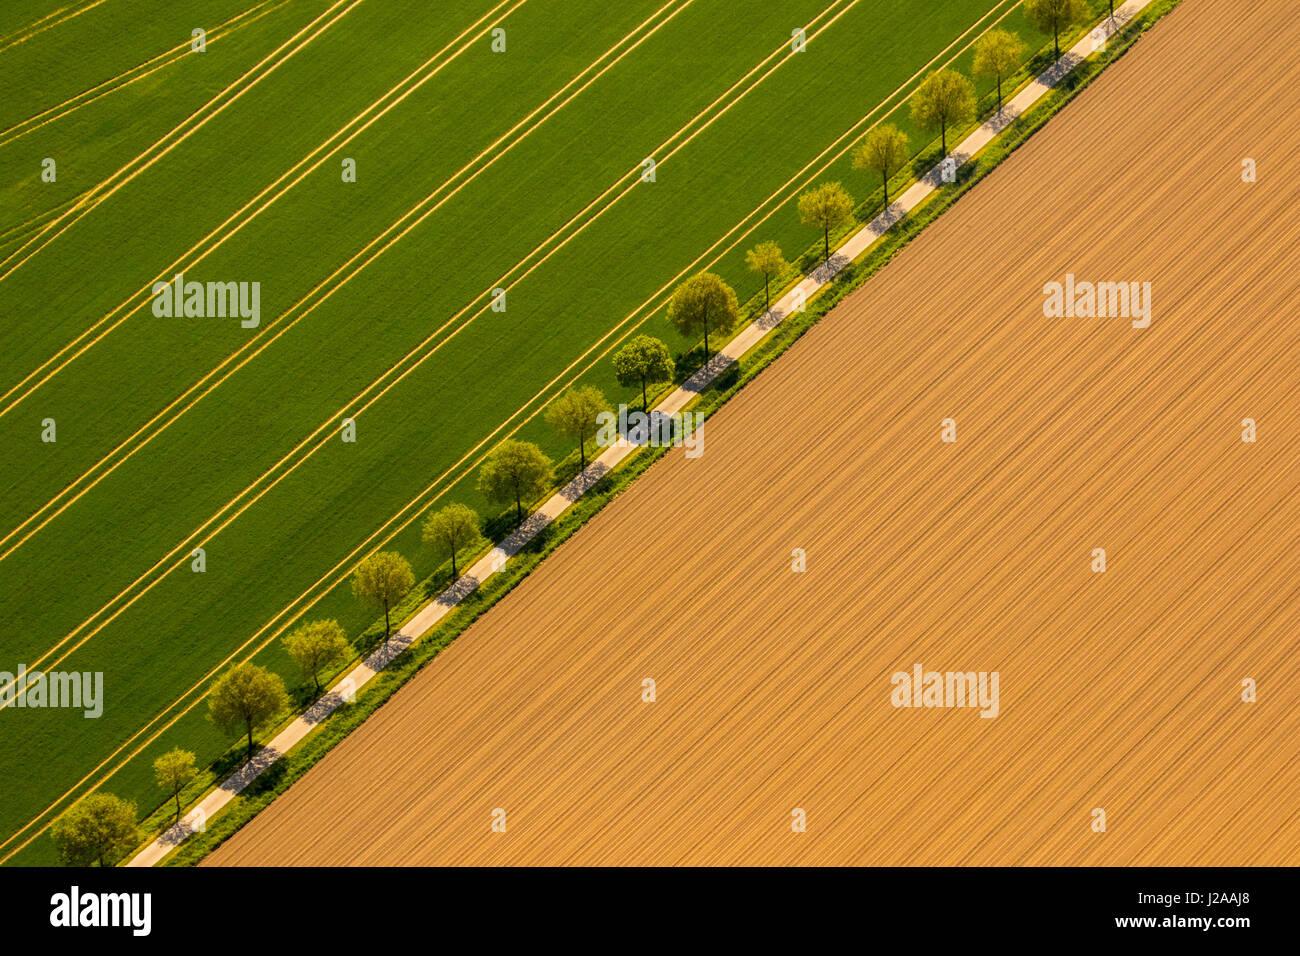 Landstra§e zwischen zwei Feldern - Stock Image